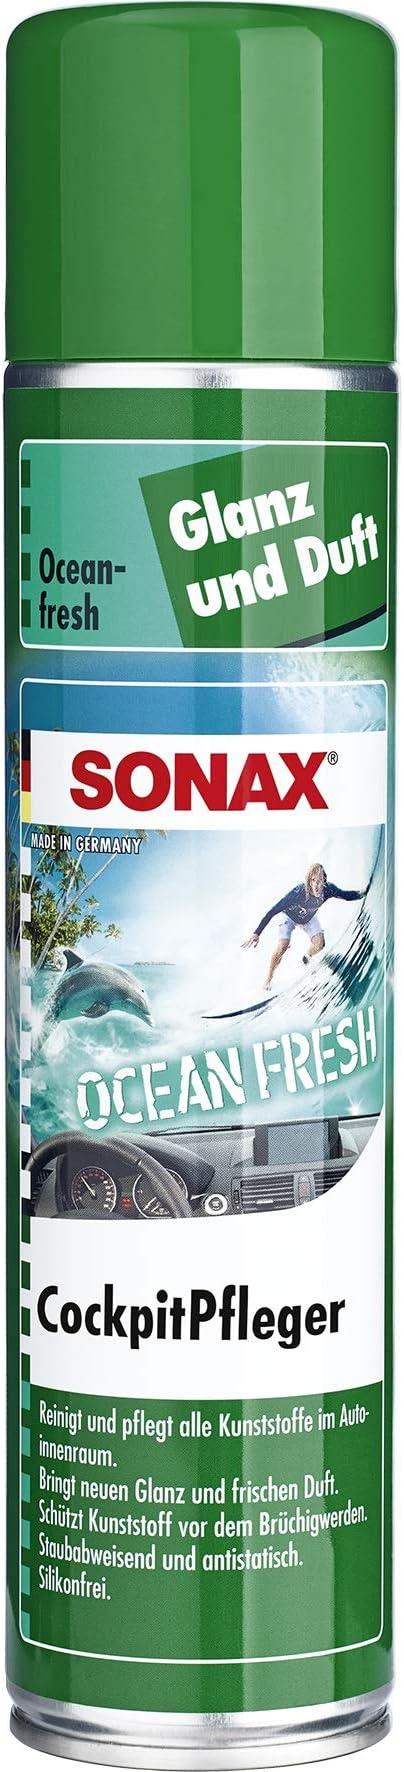 Sonax Cockpitpfleger Ocean Fresh 400 Ml Reinigt Und Pflegt Alle Kunststoffteile Im Auto Art Nr 03643000 Auto